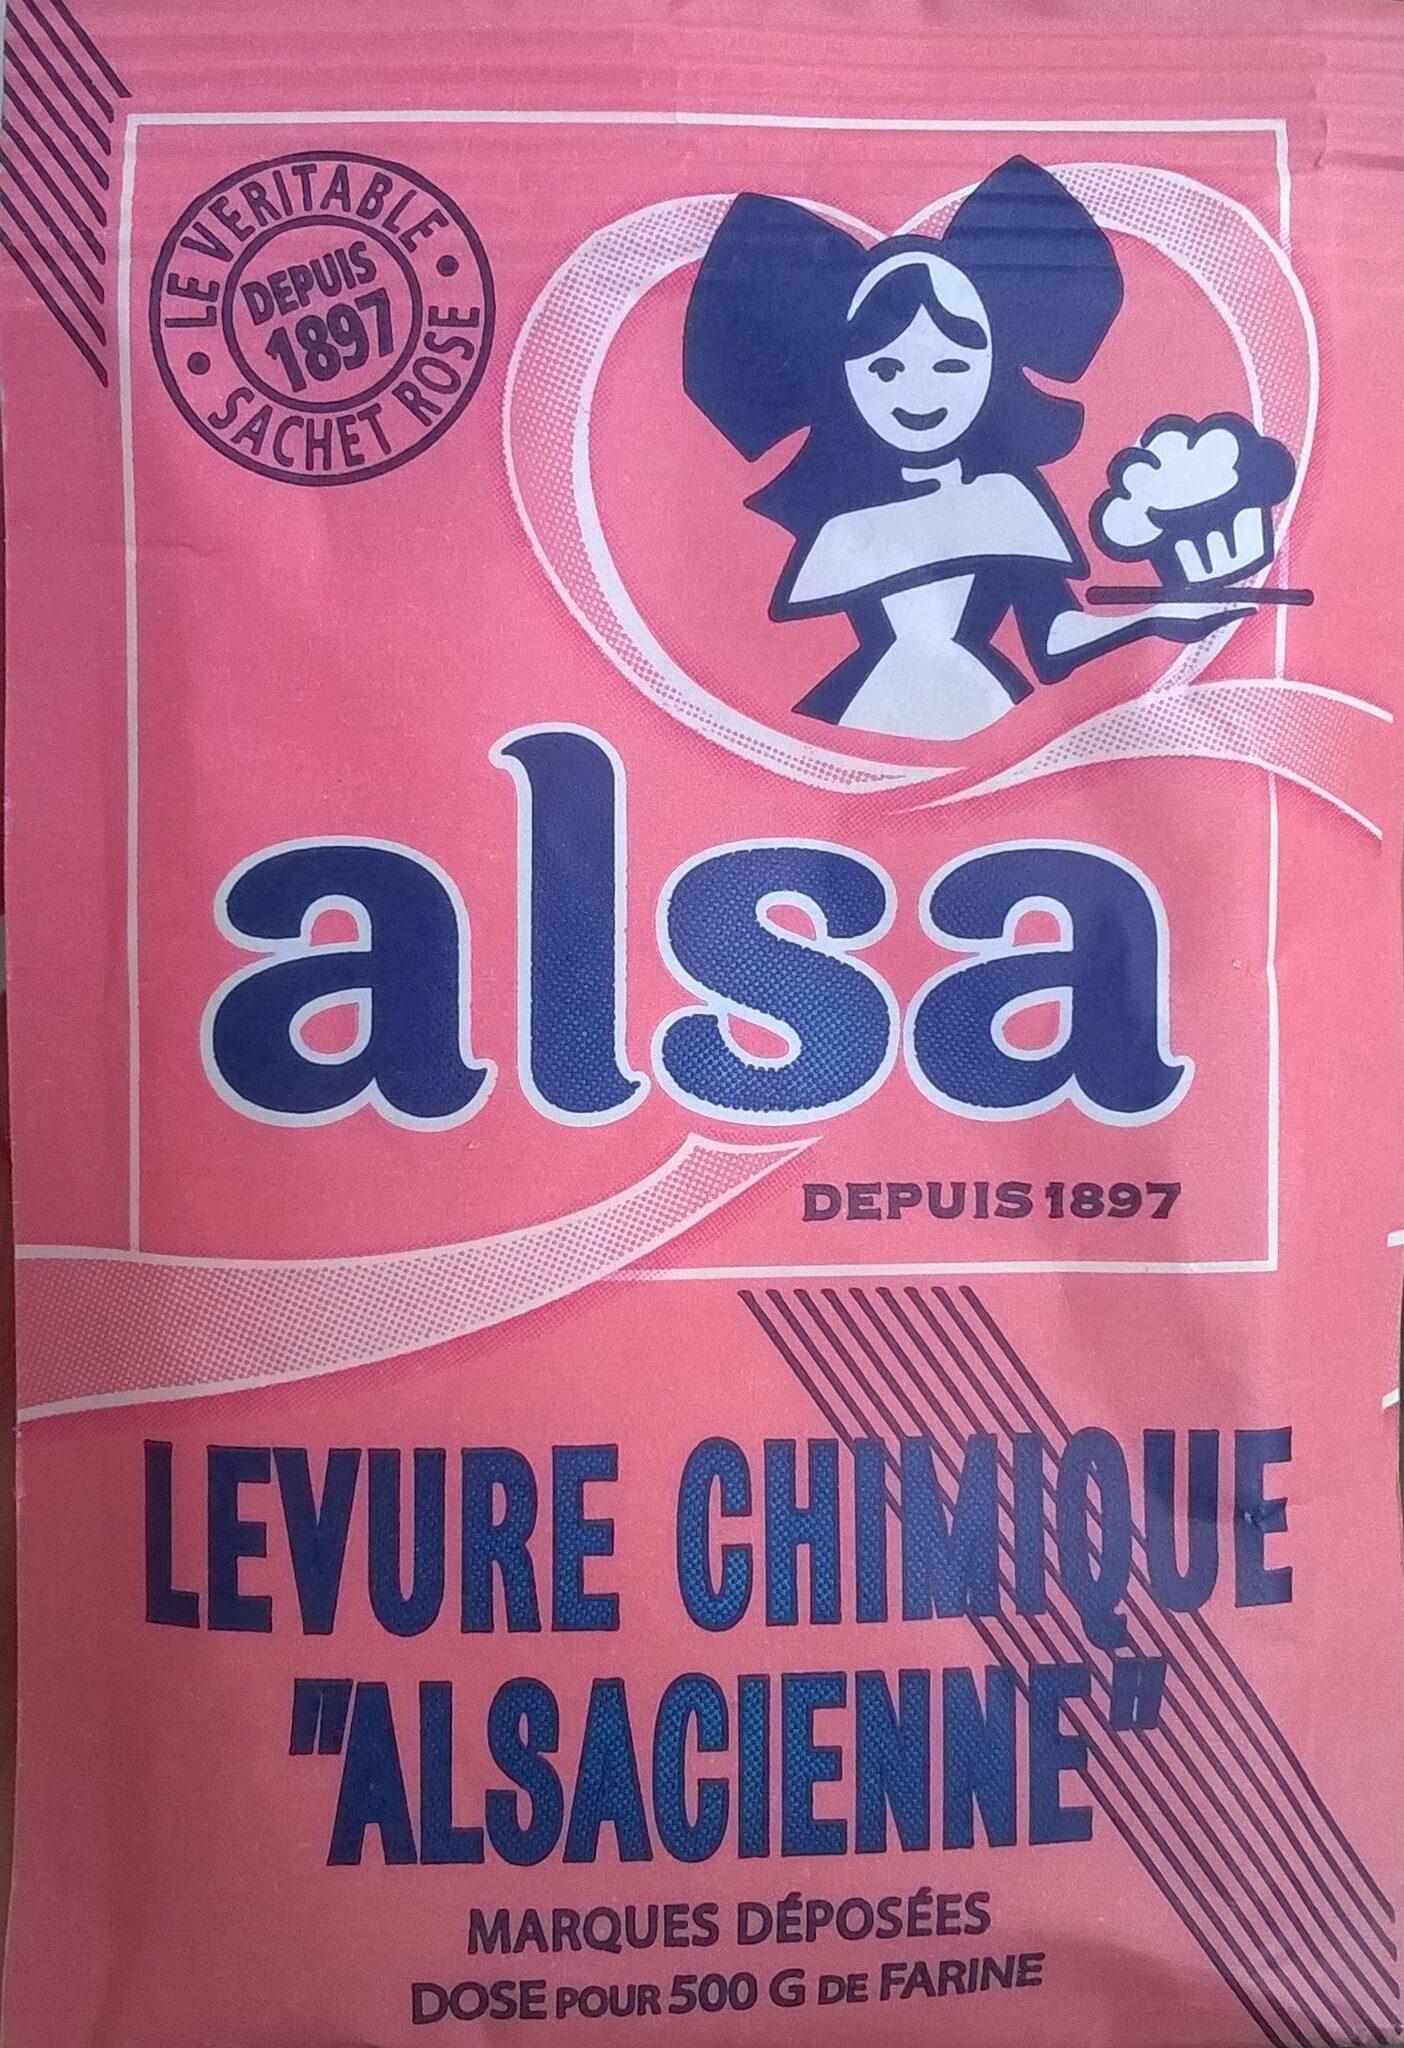 Levure chimique alsacienne - Product - fr